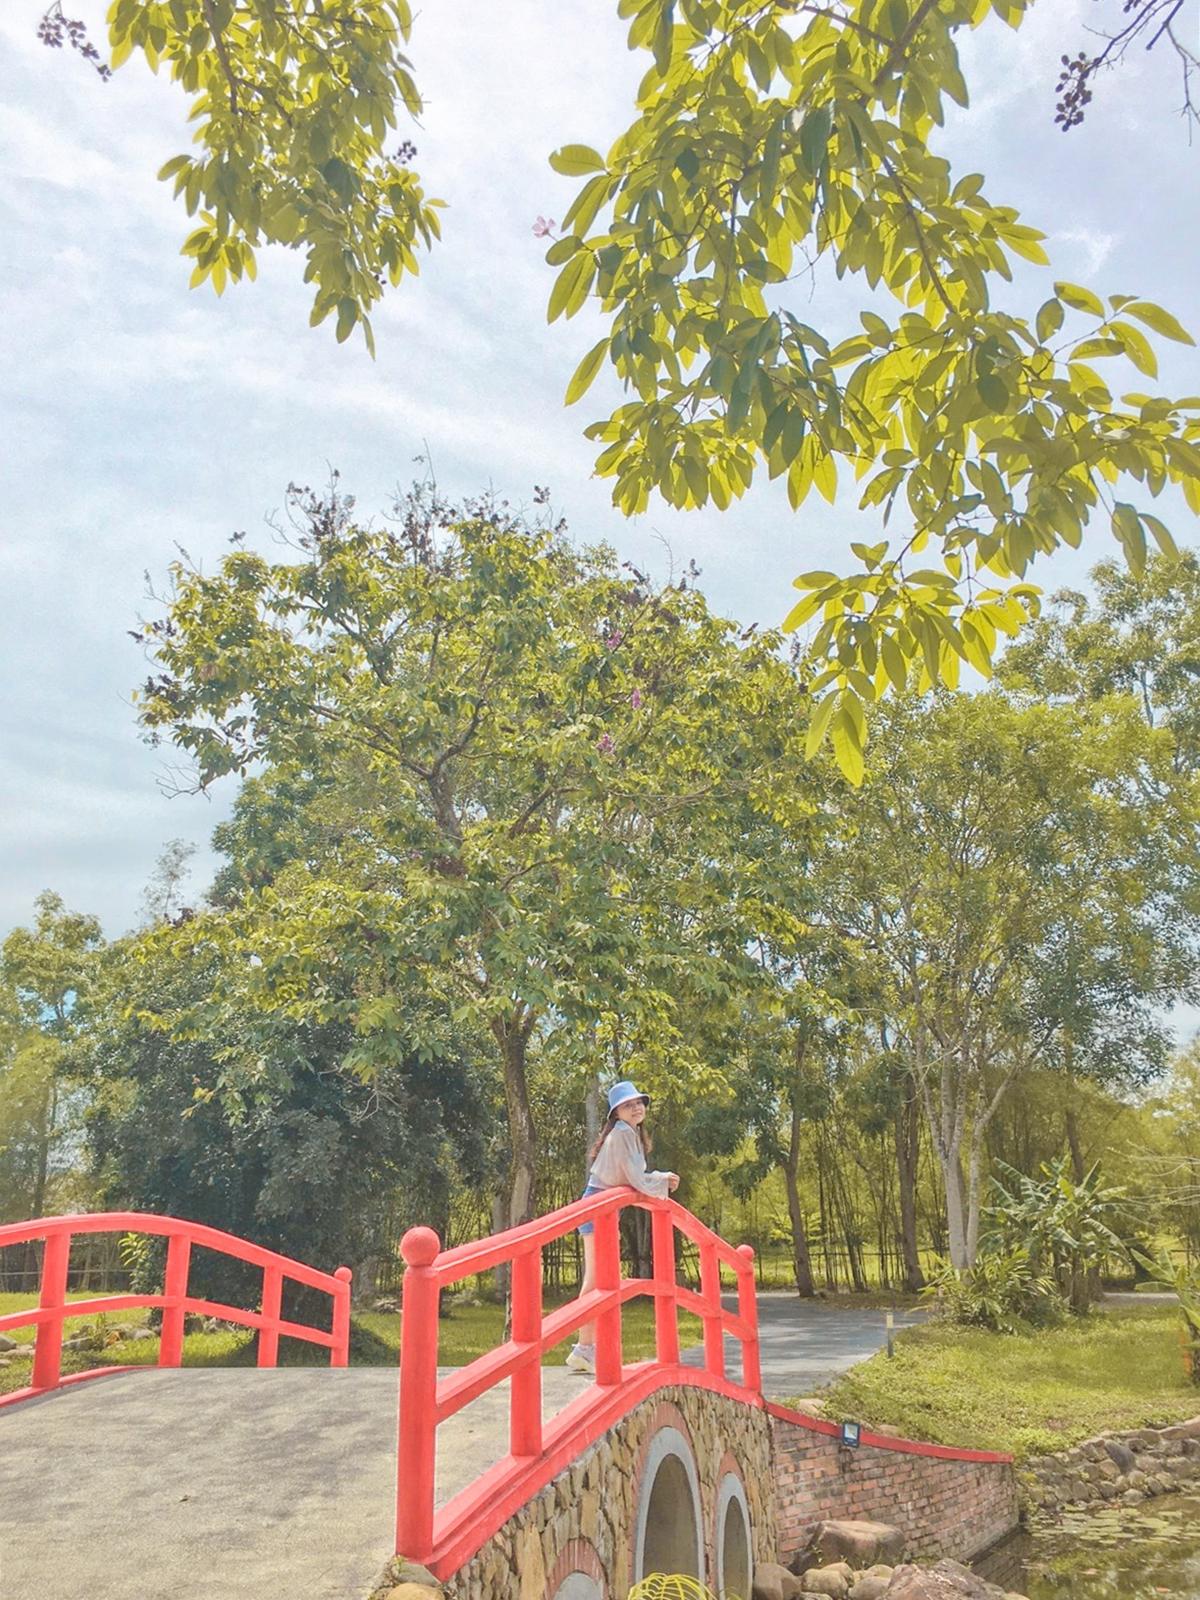 Bao quanh Thanh Tân là màu xanh của rừng nguyên sinh, dãy Trường Sơn và rừng thông nhân tạo. Các gia đình có thể tận hưởng nhiều trò chơi, tập thể thao, giải trí và hòa mình trong các trò cảm giác mạnh.